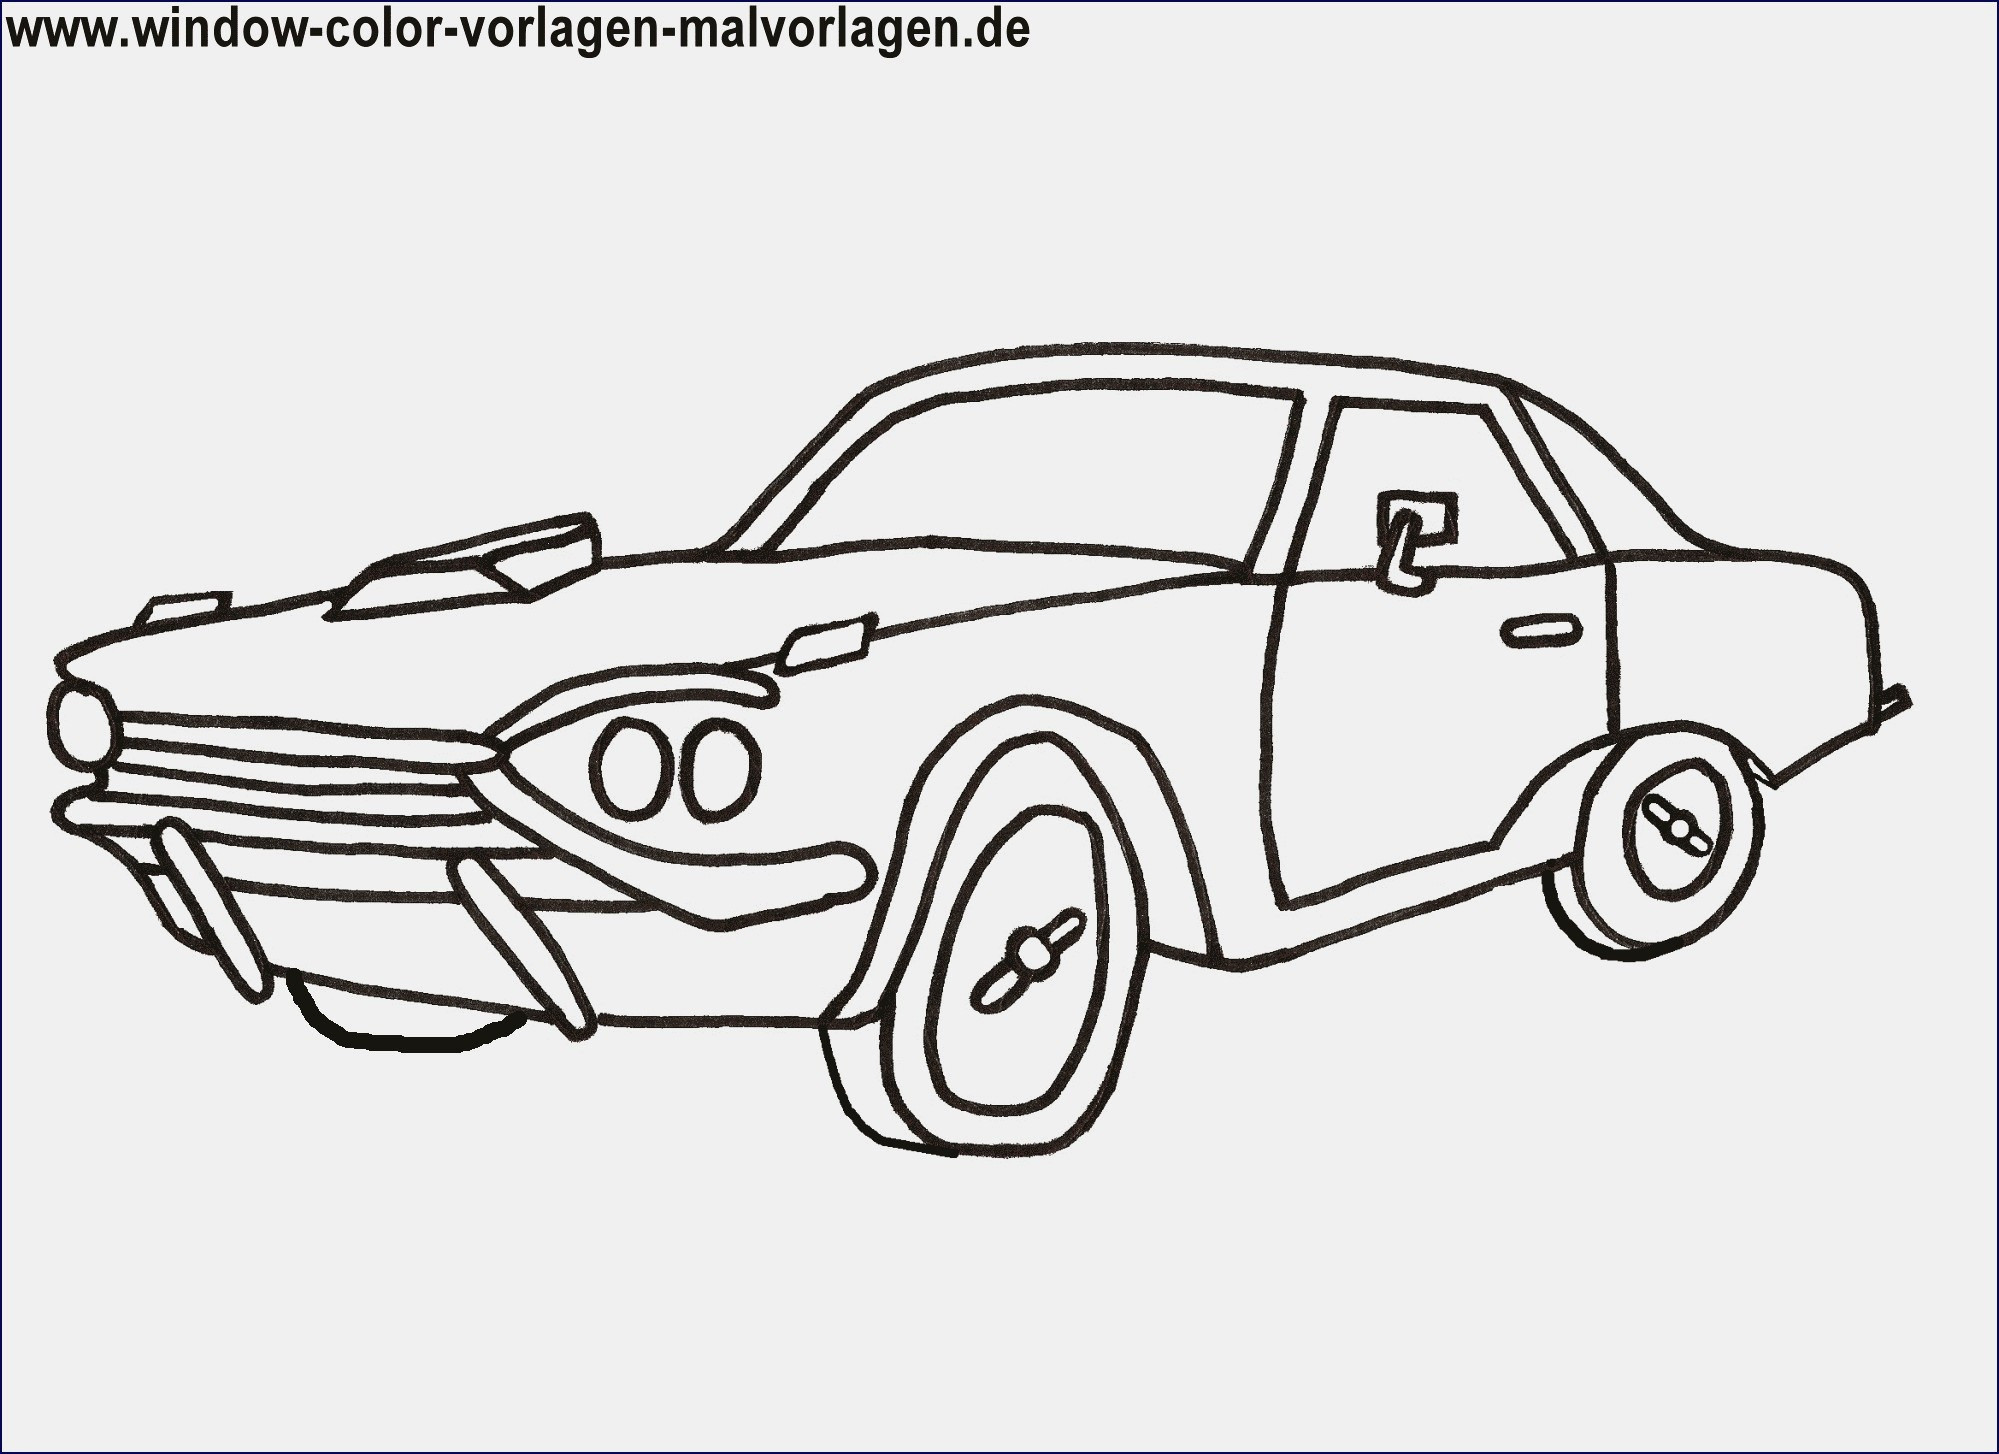 Auto Ausmalbilder Zum Ausdrucken Neu Ausmalbild Auto Verschiedene Bilder Färben 8 Inspirational Lego Bild